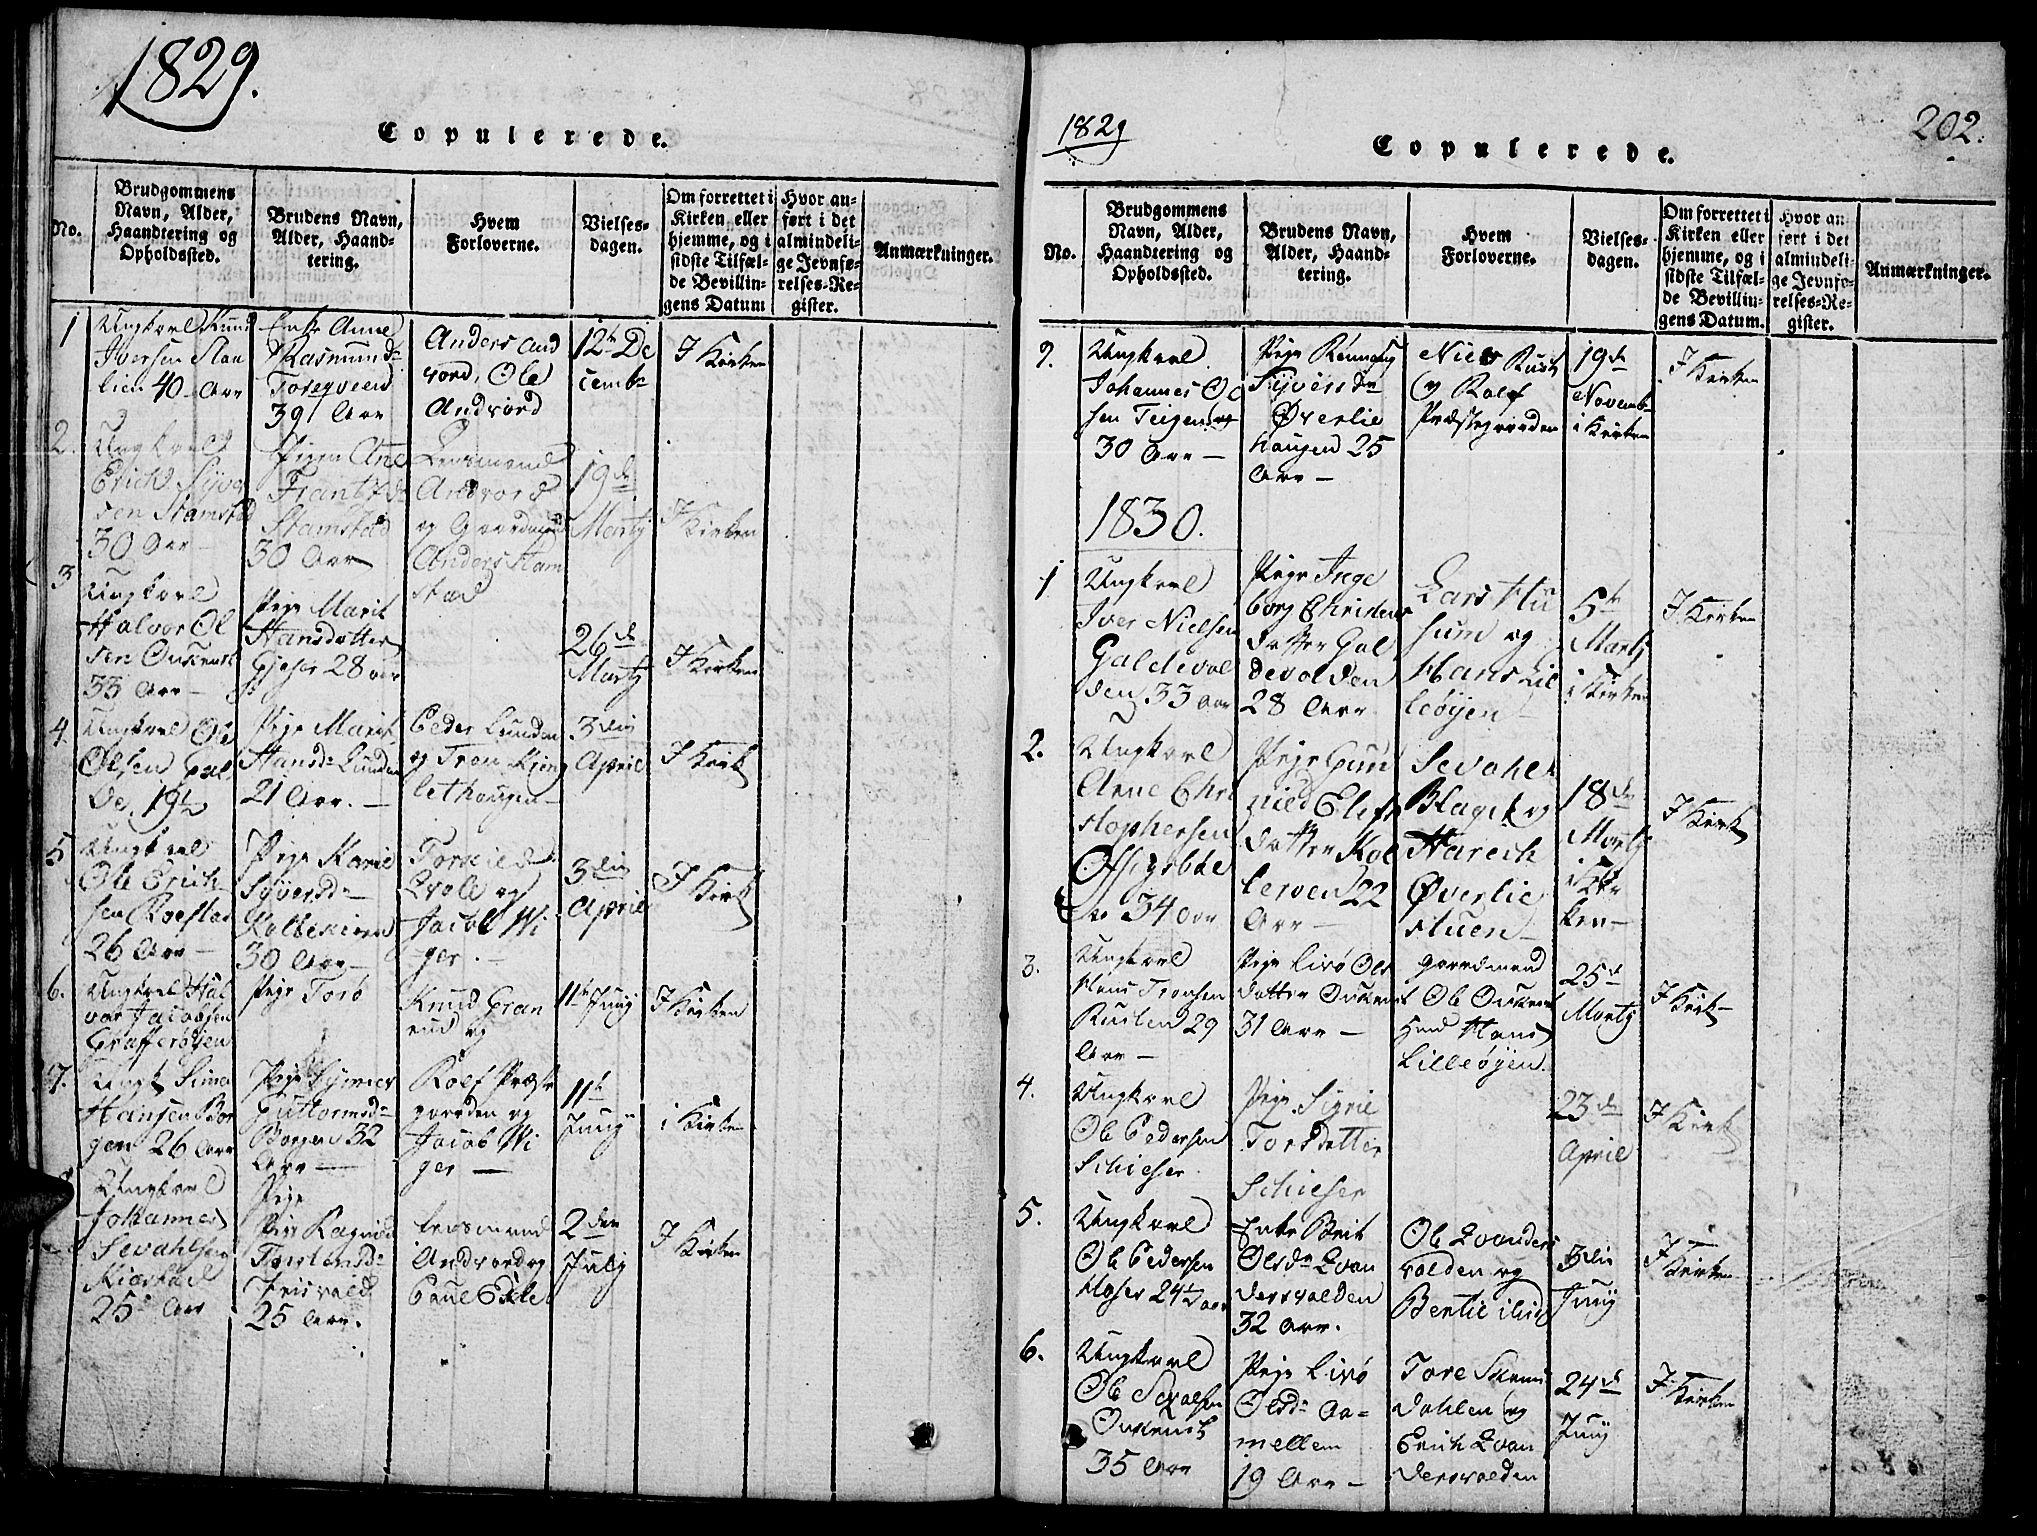 SAH, Lom prestekontor, L/L0001: Klokkerbok nr. 1, 1815-1836, s. 202